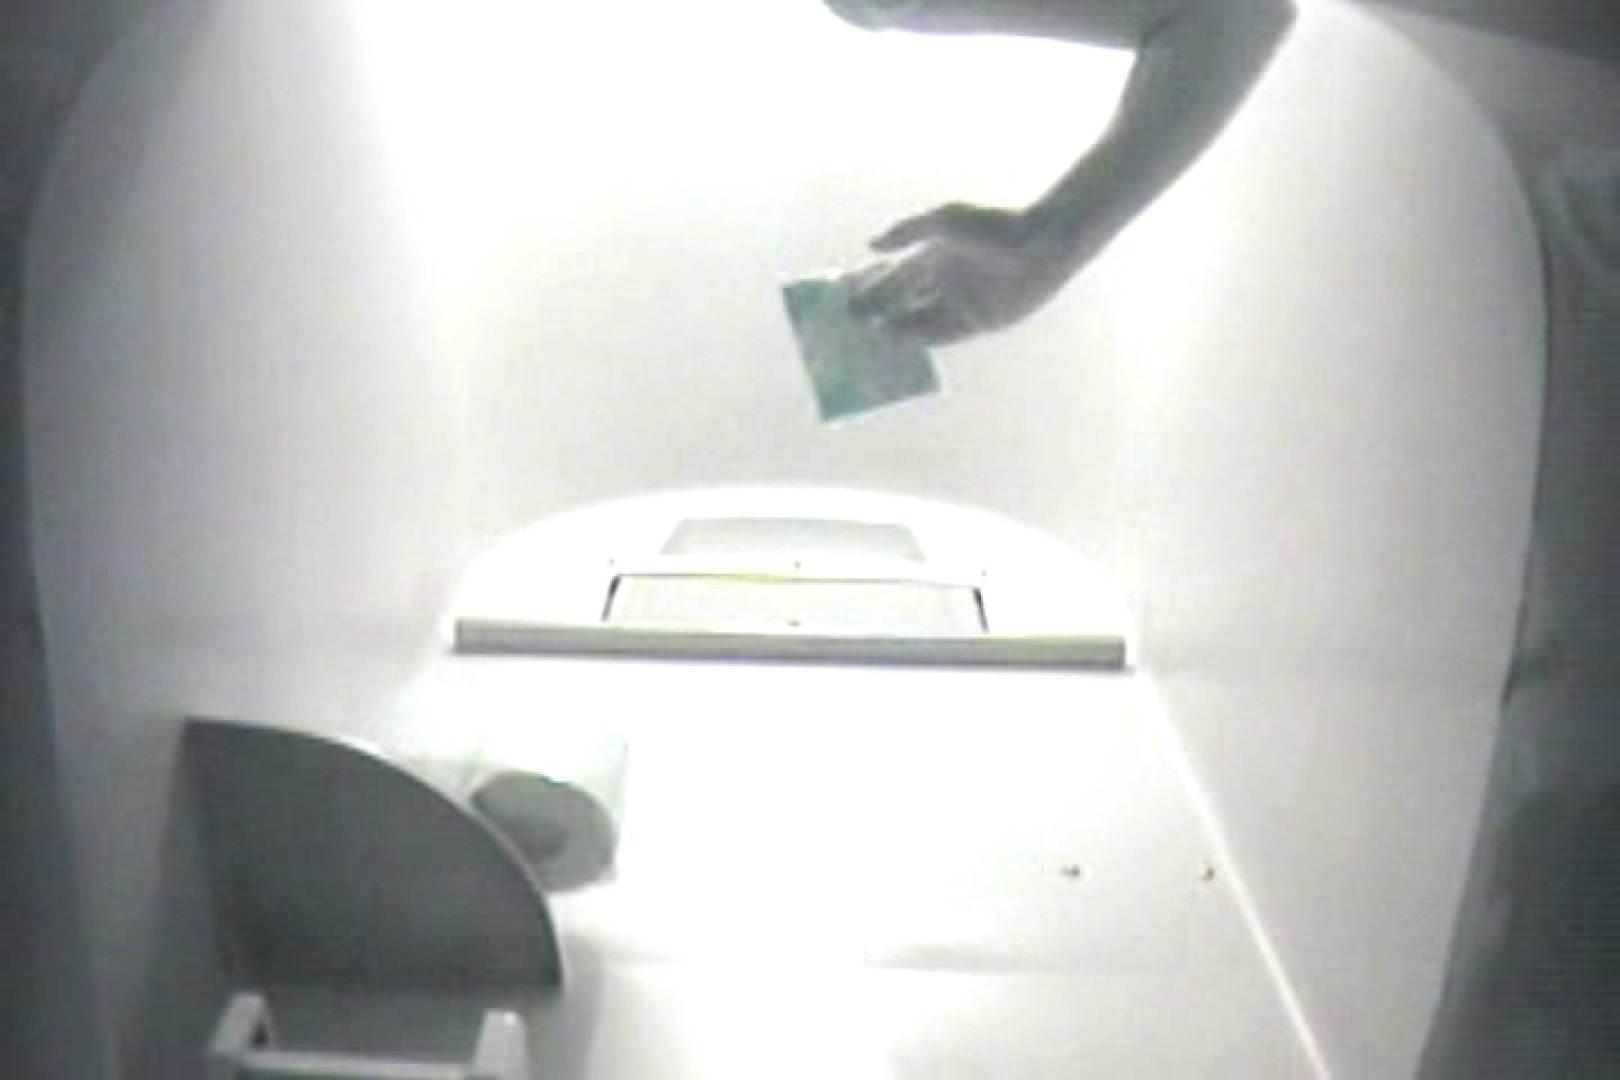 [お盆限定]和式洗面所汚物フレフレ100連発 Vol.1 0 | 0  104画像 10